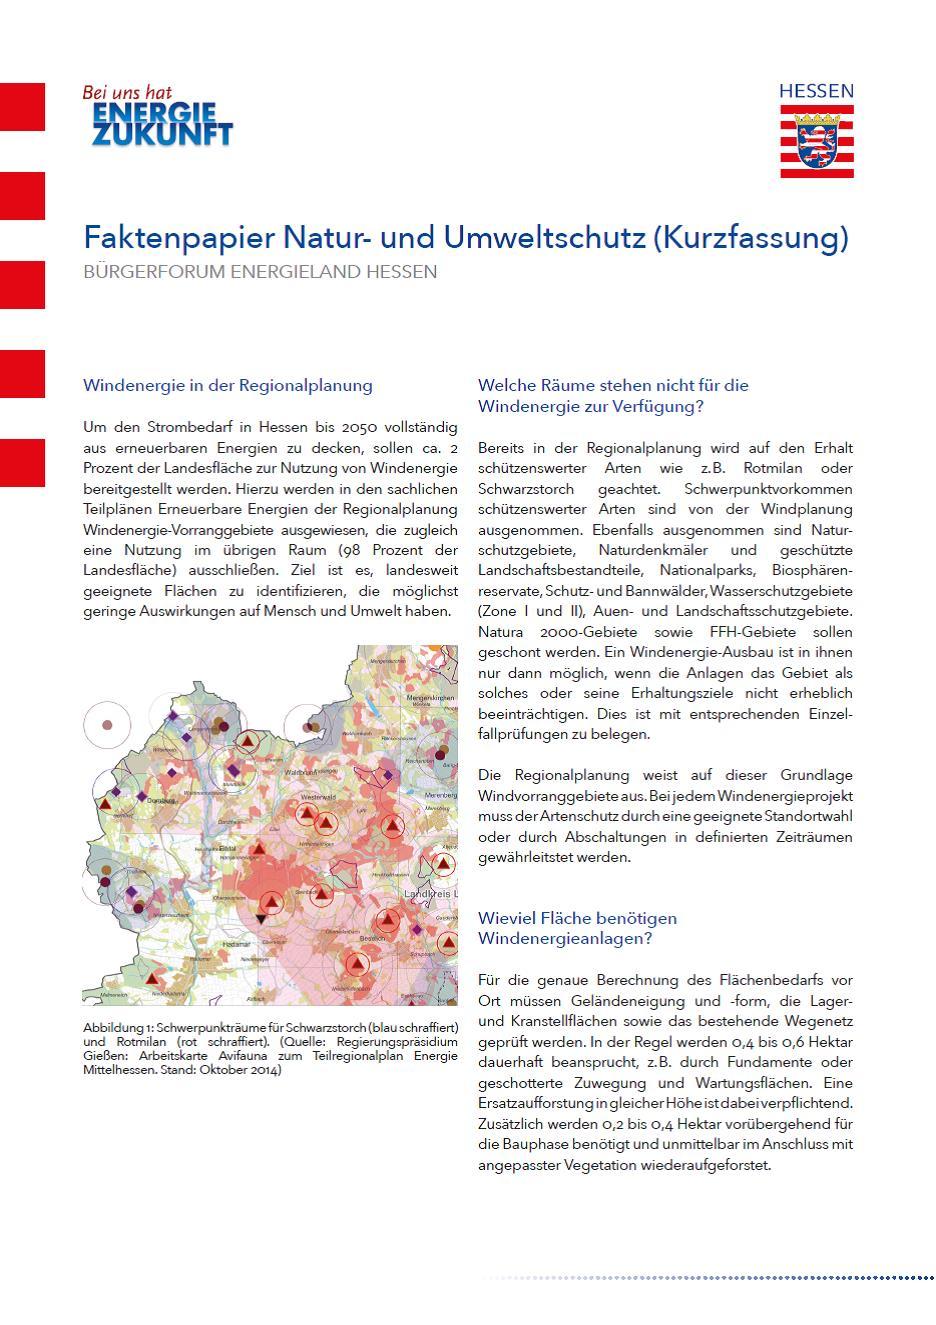 PDF: Kurzfassung Faktenpapier Natur- und Umweltschutz